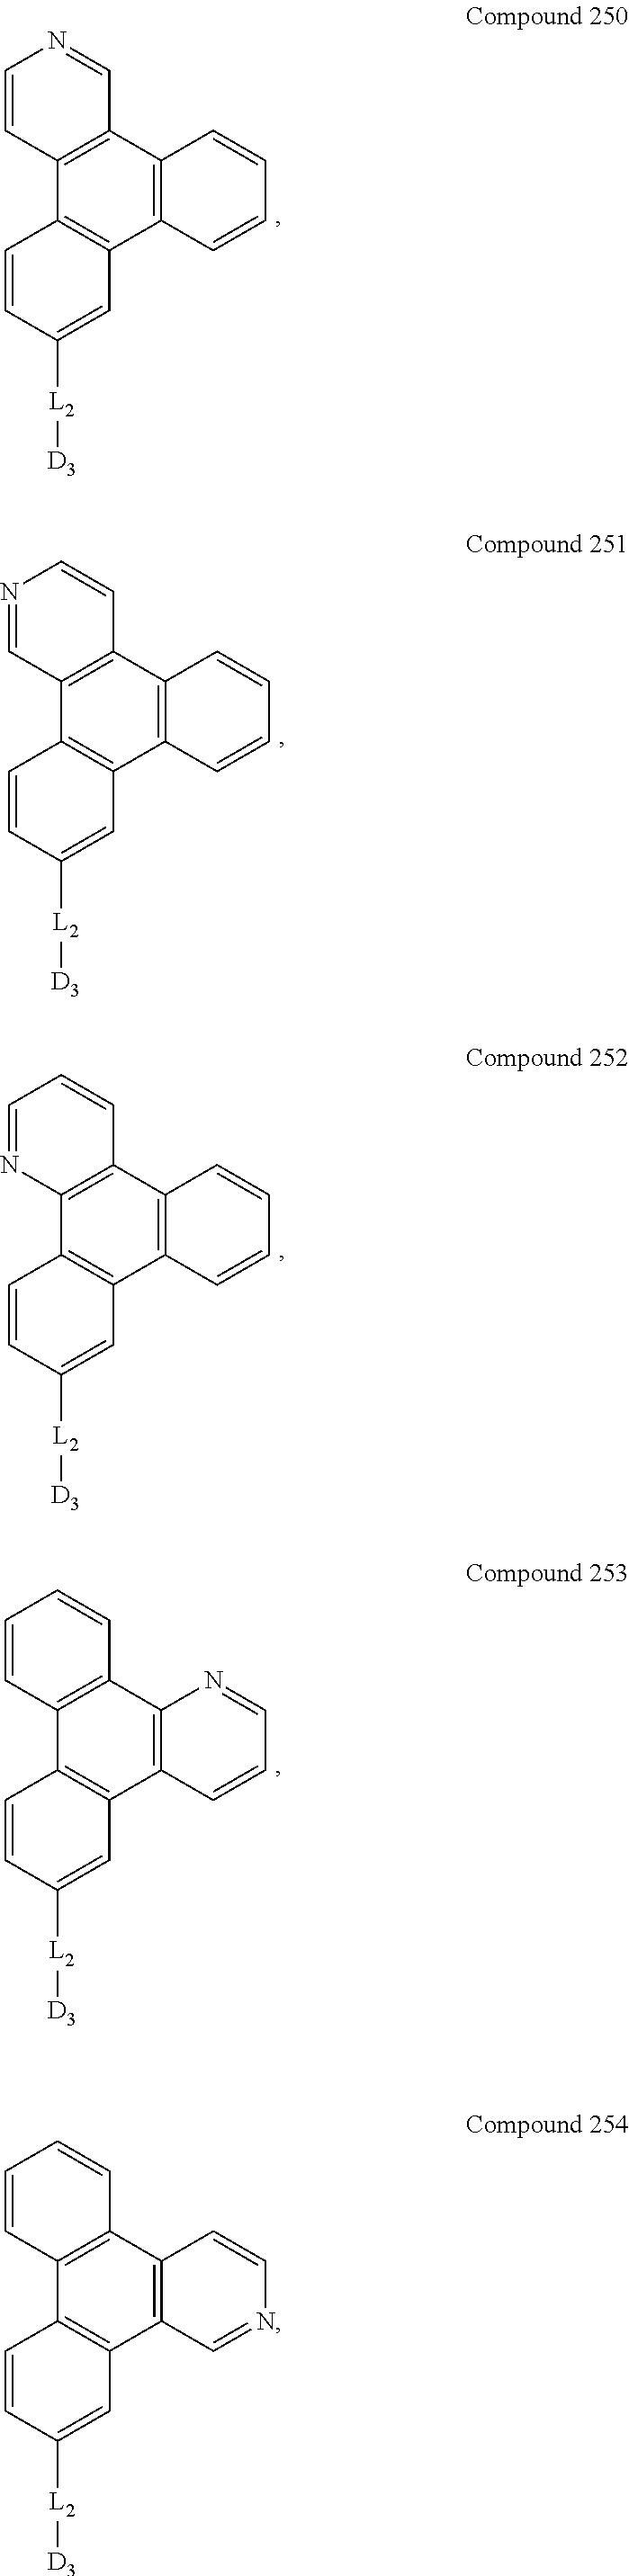 Figure US09537106-20170103-C00086